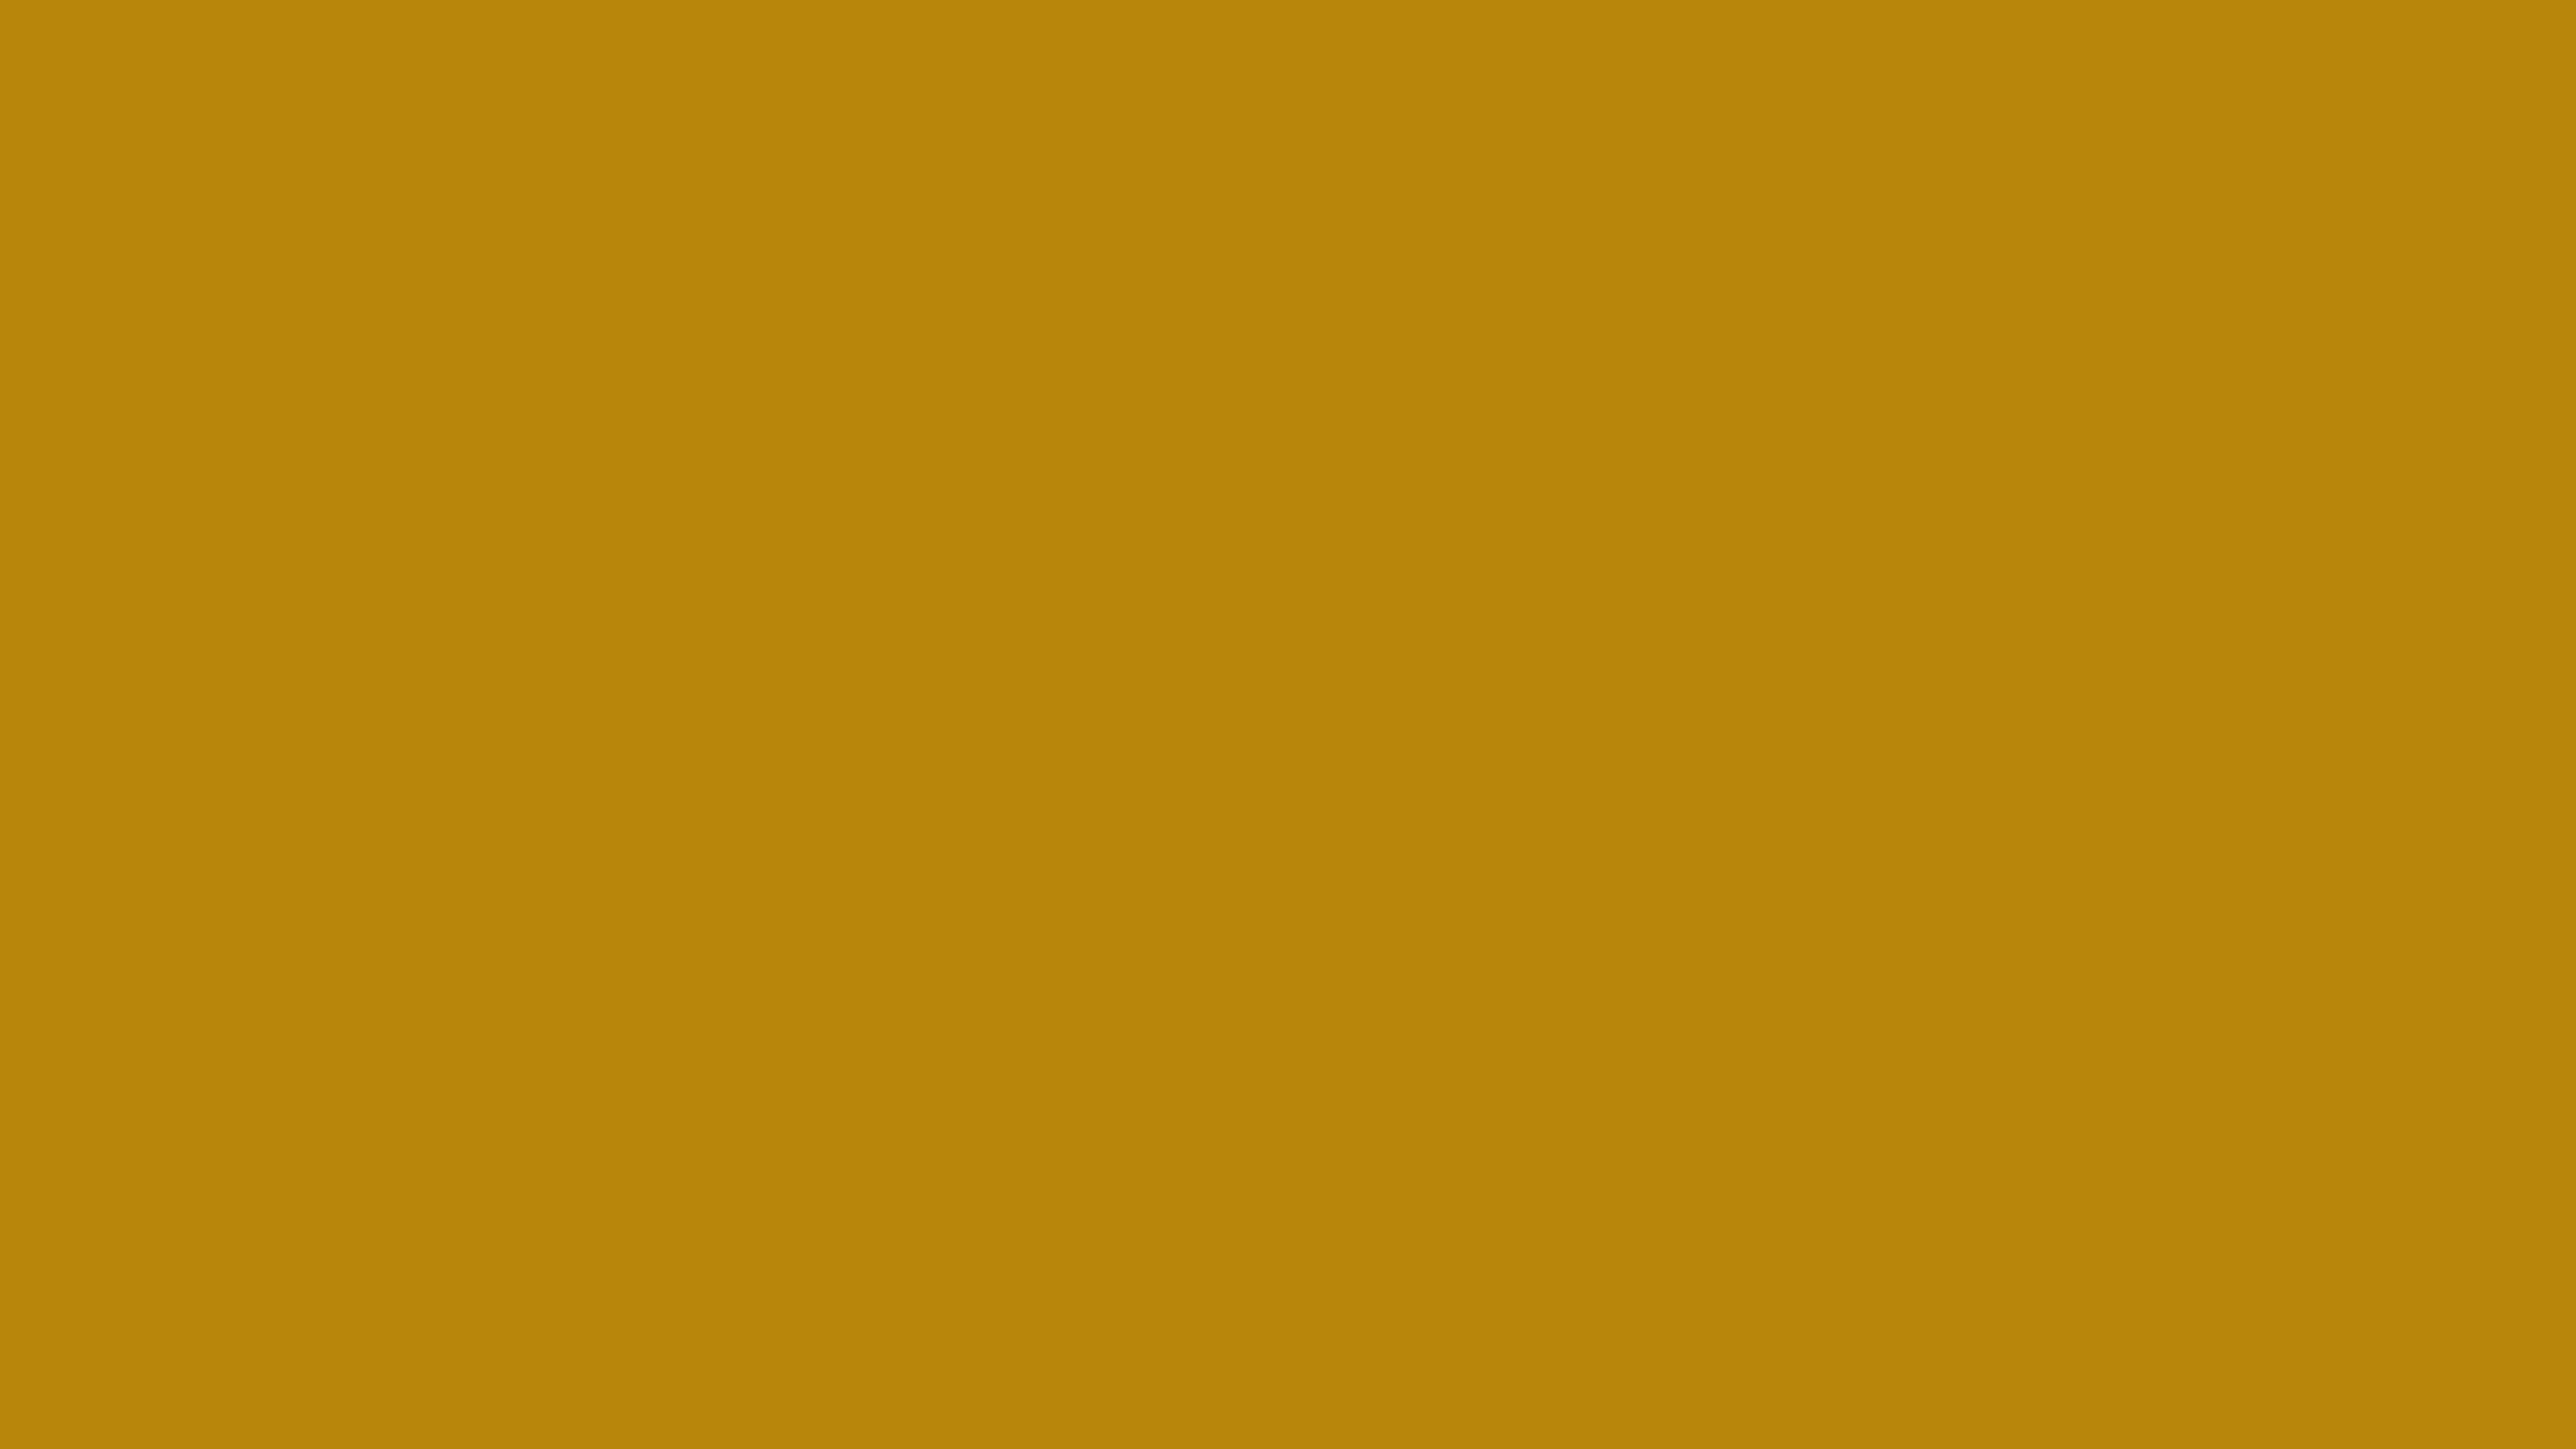 5120x2880 Dark Goldenrod Solid Color Background